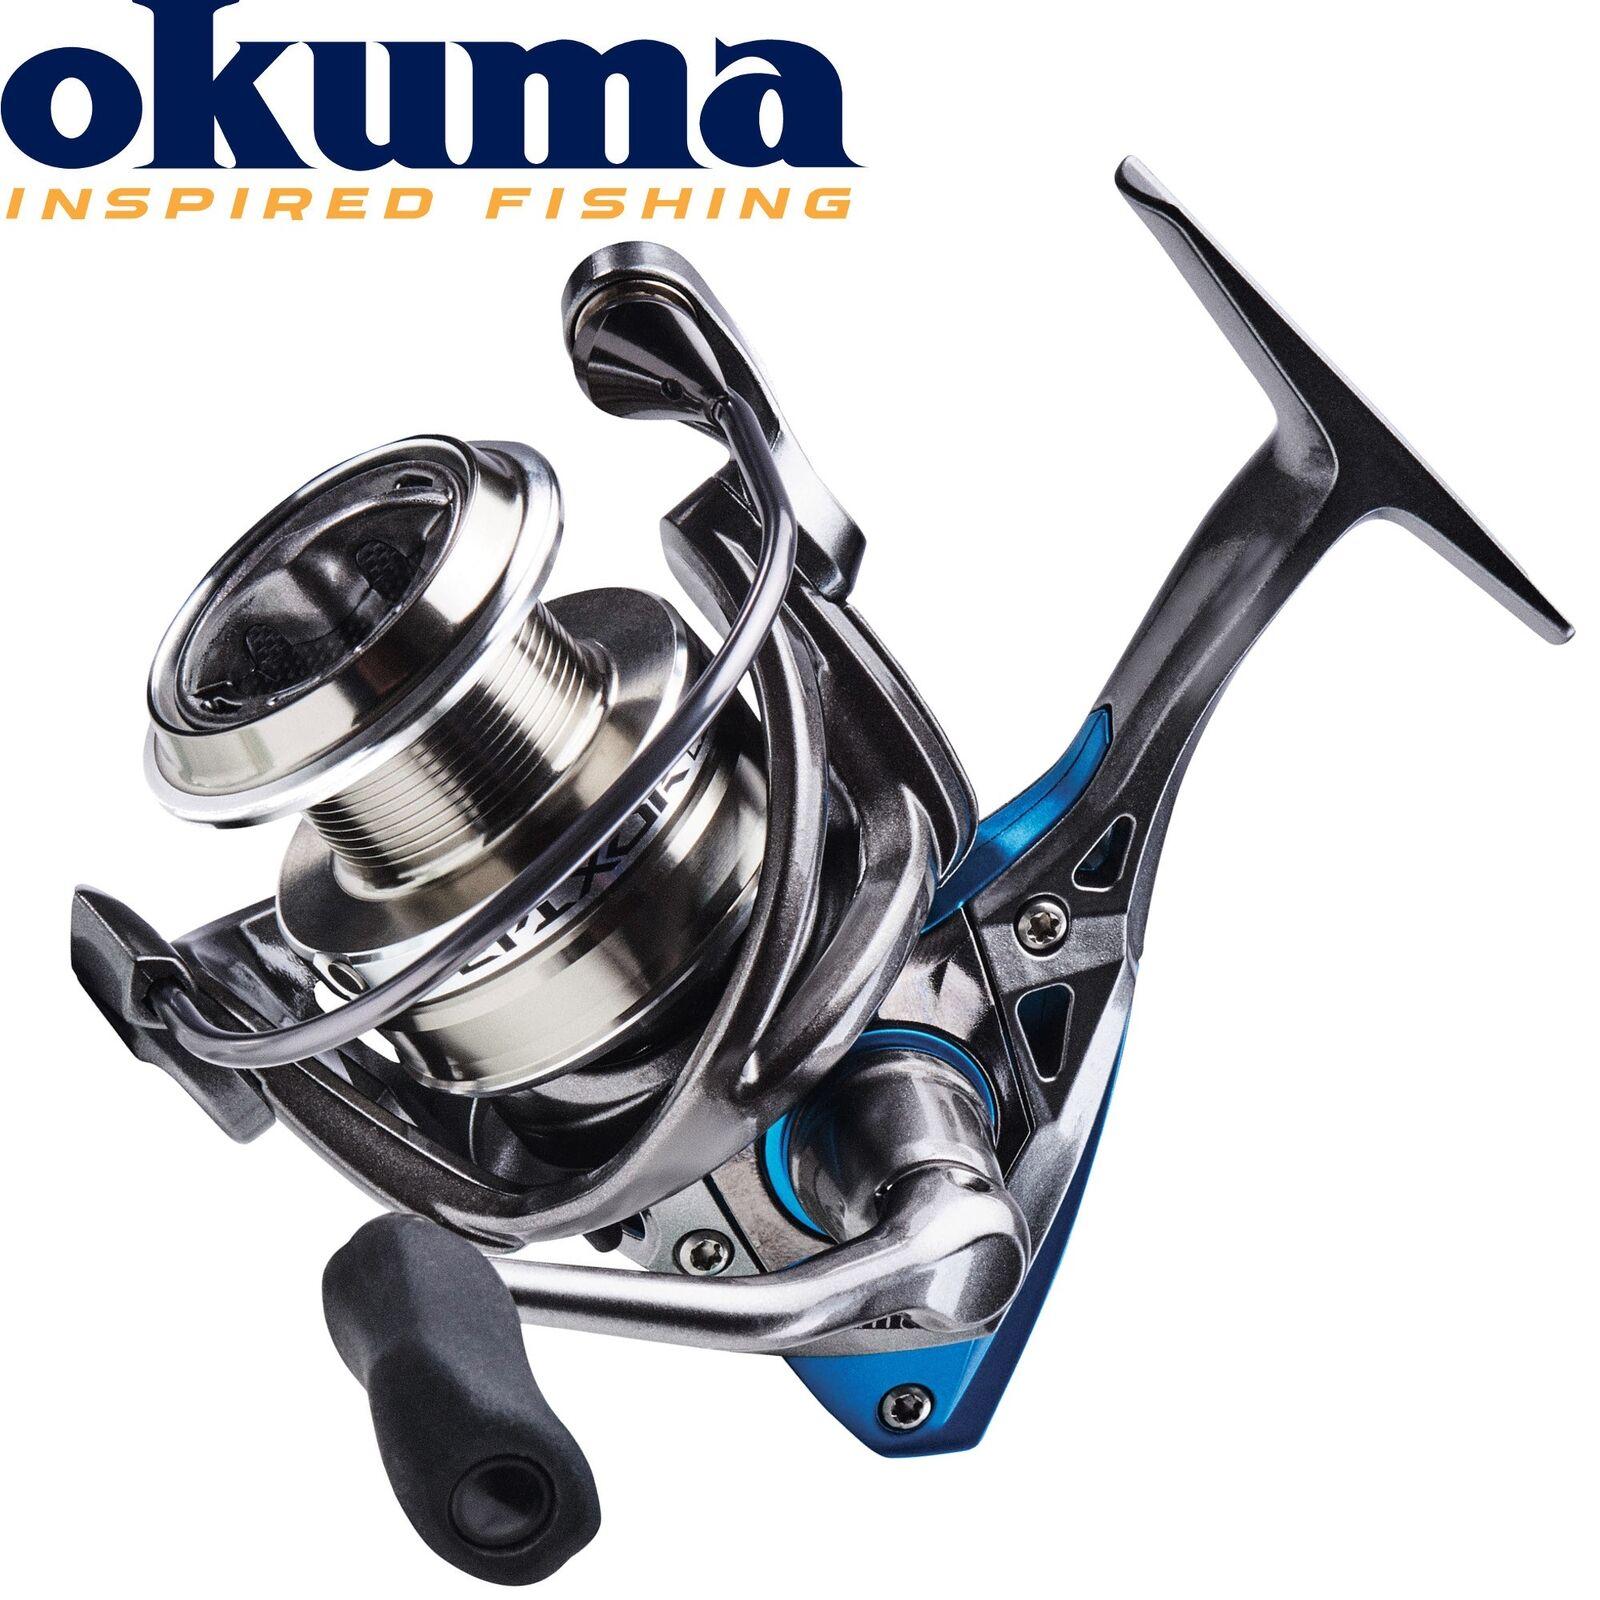 Okuma Epixor LS Spinning EPL-40 zum - Angelrolle zum EPL-40 Spinnfischen auf Hecht & Zander 87f10d